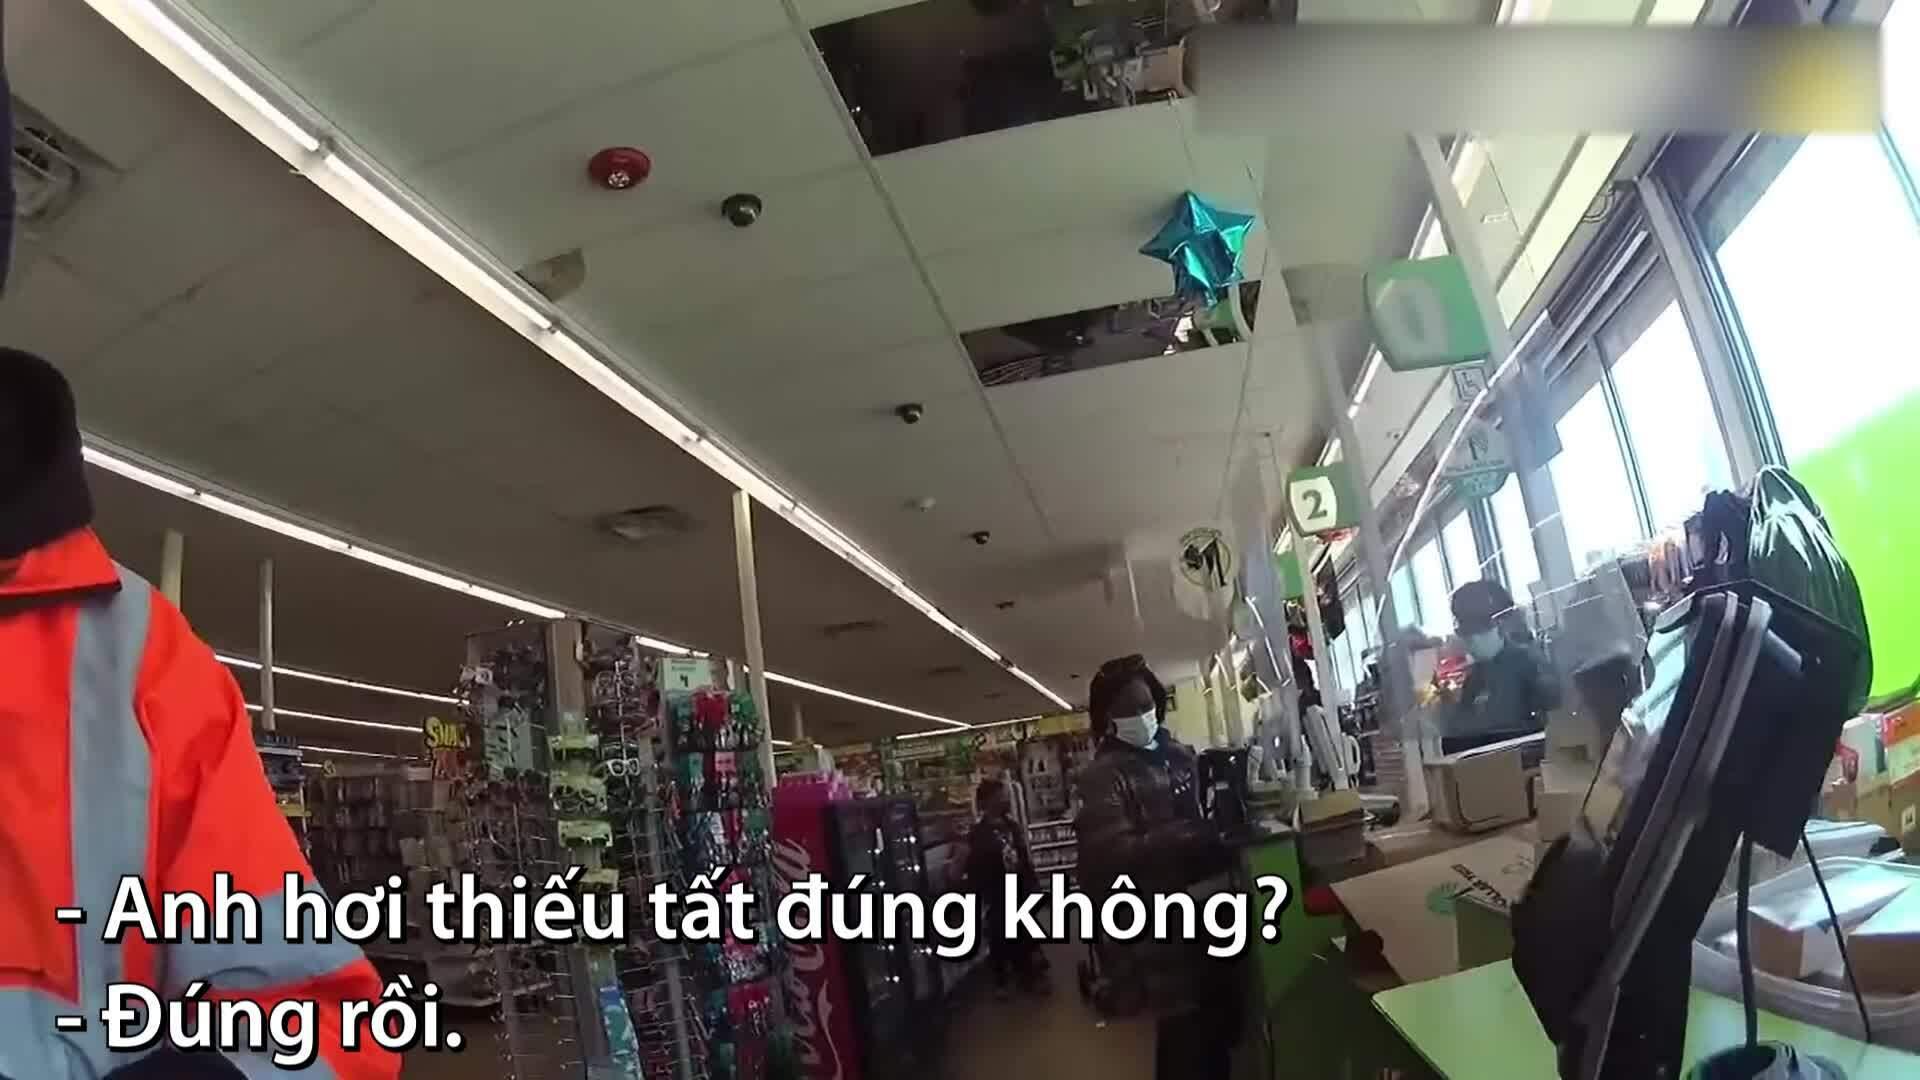 Cảnh sát mua tất chân cho kẻ trộm